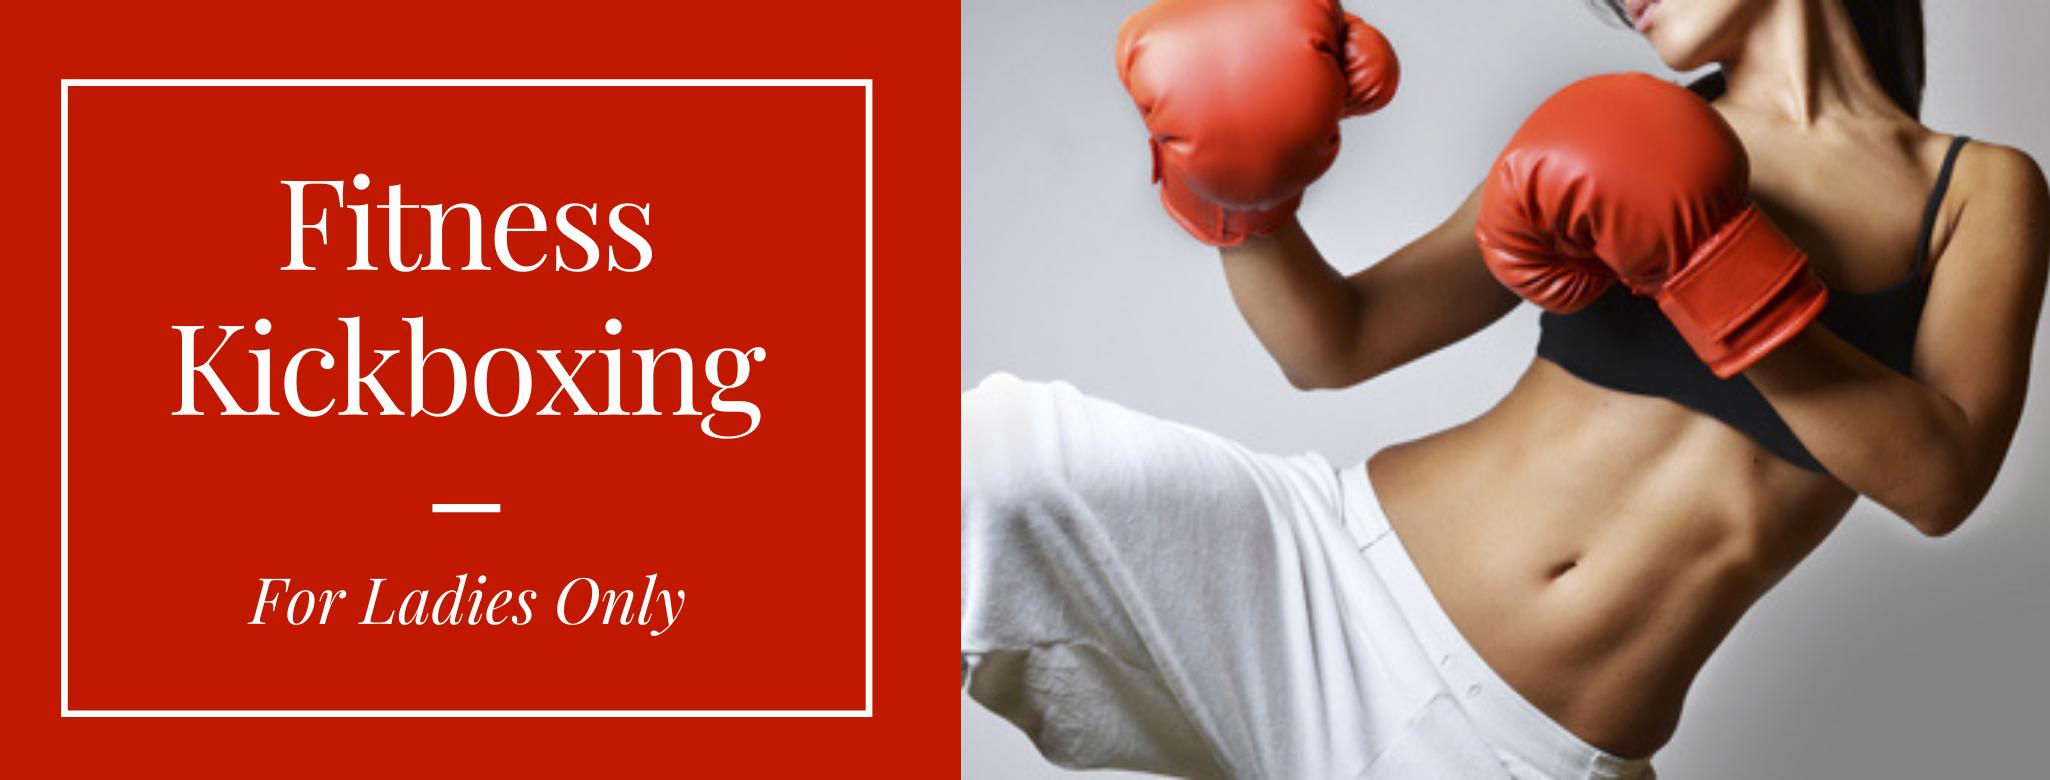 fitness-kickboxing-banner